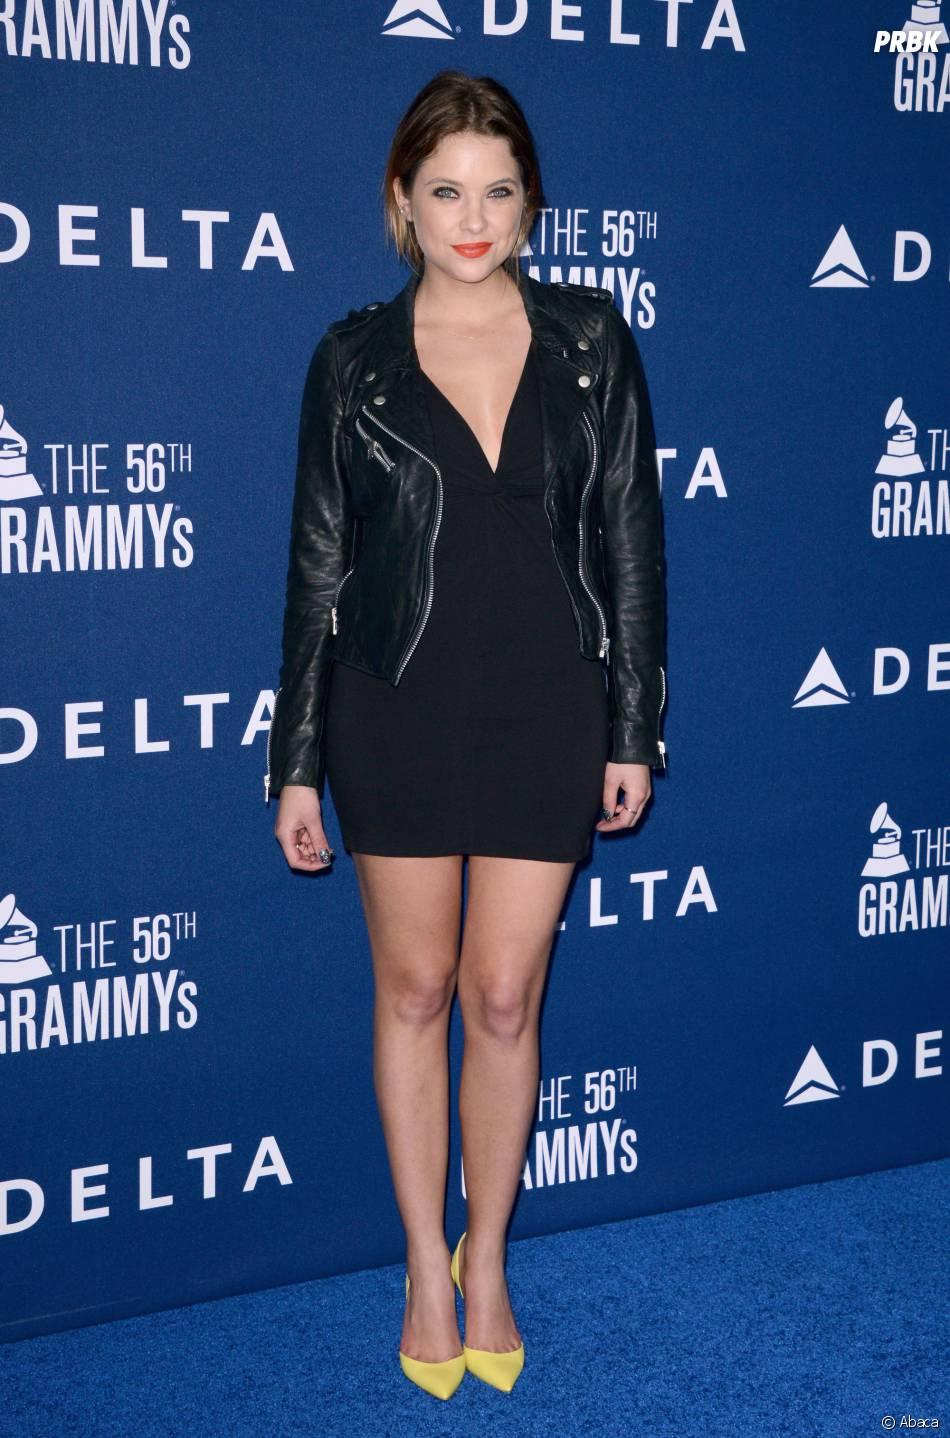 Ashley Benson à la soirée Delta Airlaine Grammy Awards, le 23 janvier 2014 à Los Angeles